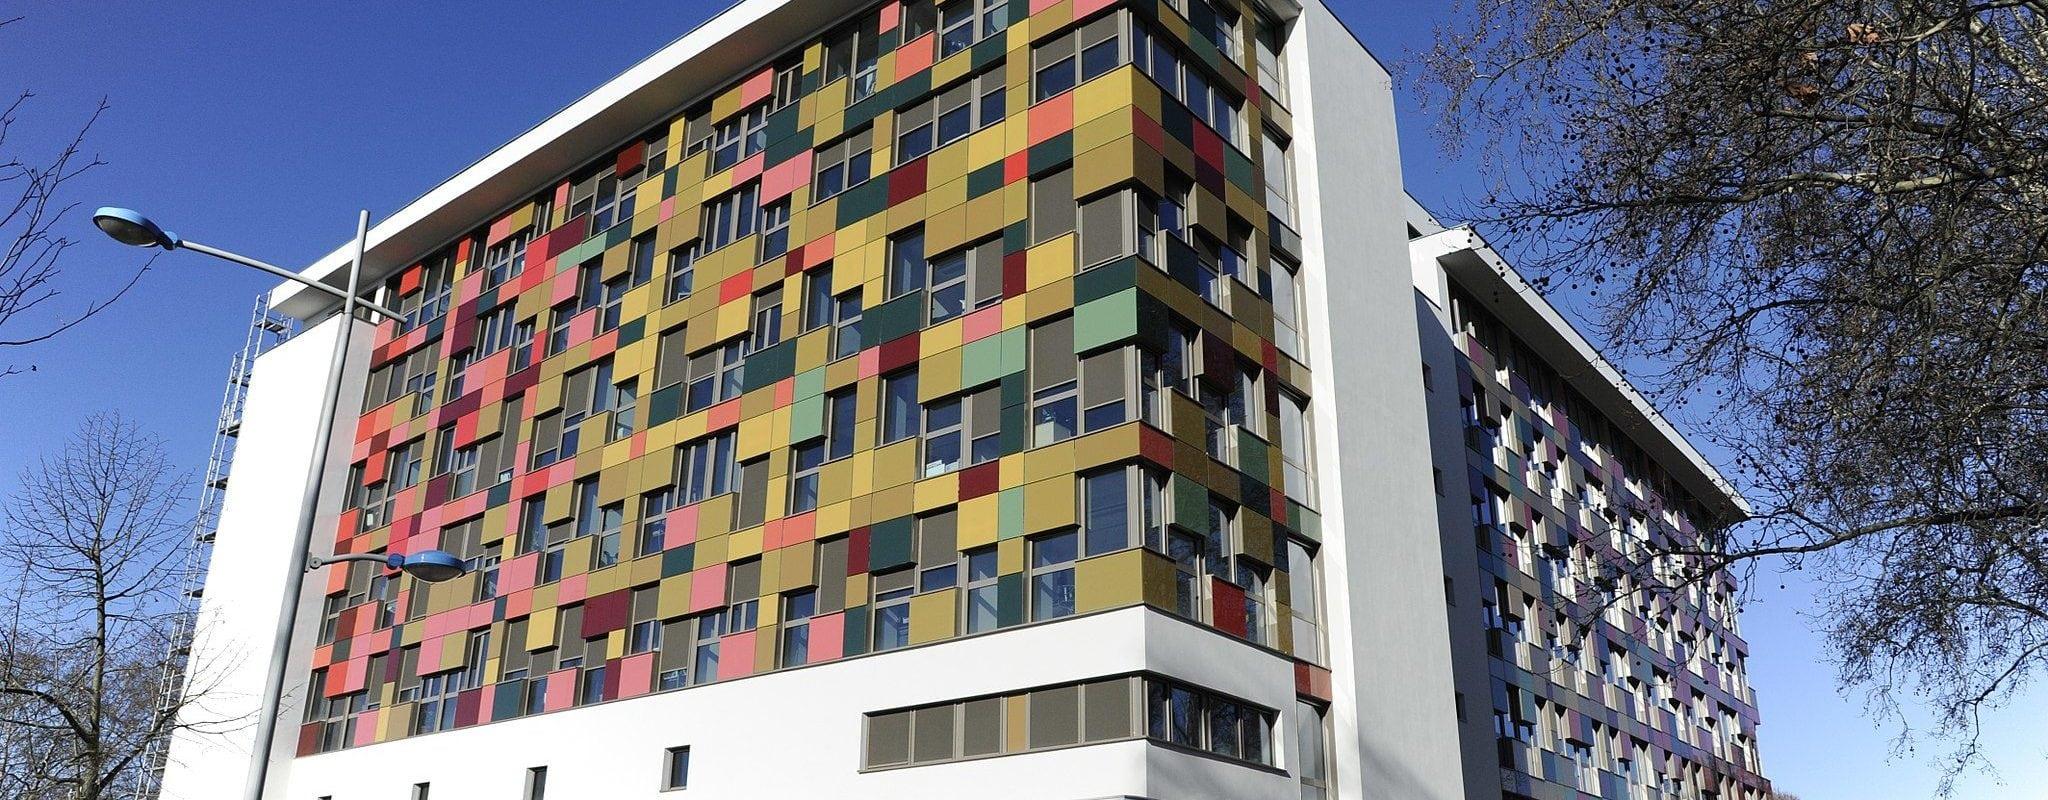 Les élections des locataires d'Habitation Moderne annulées